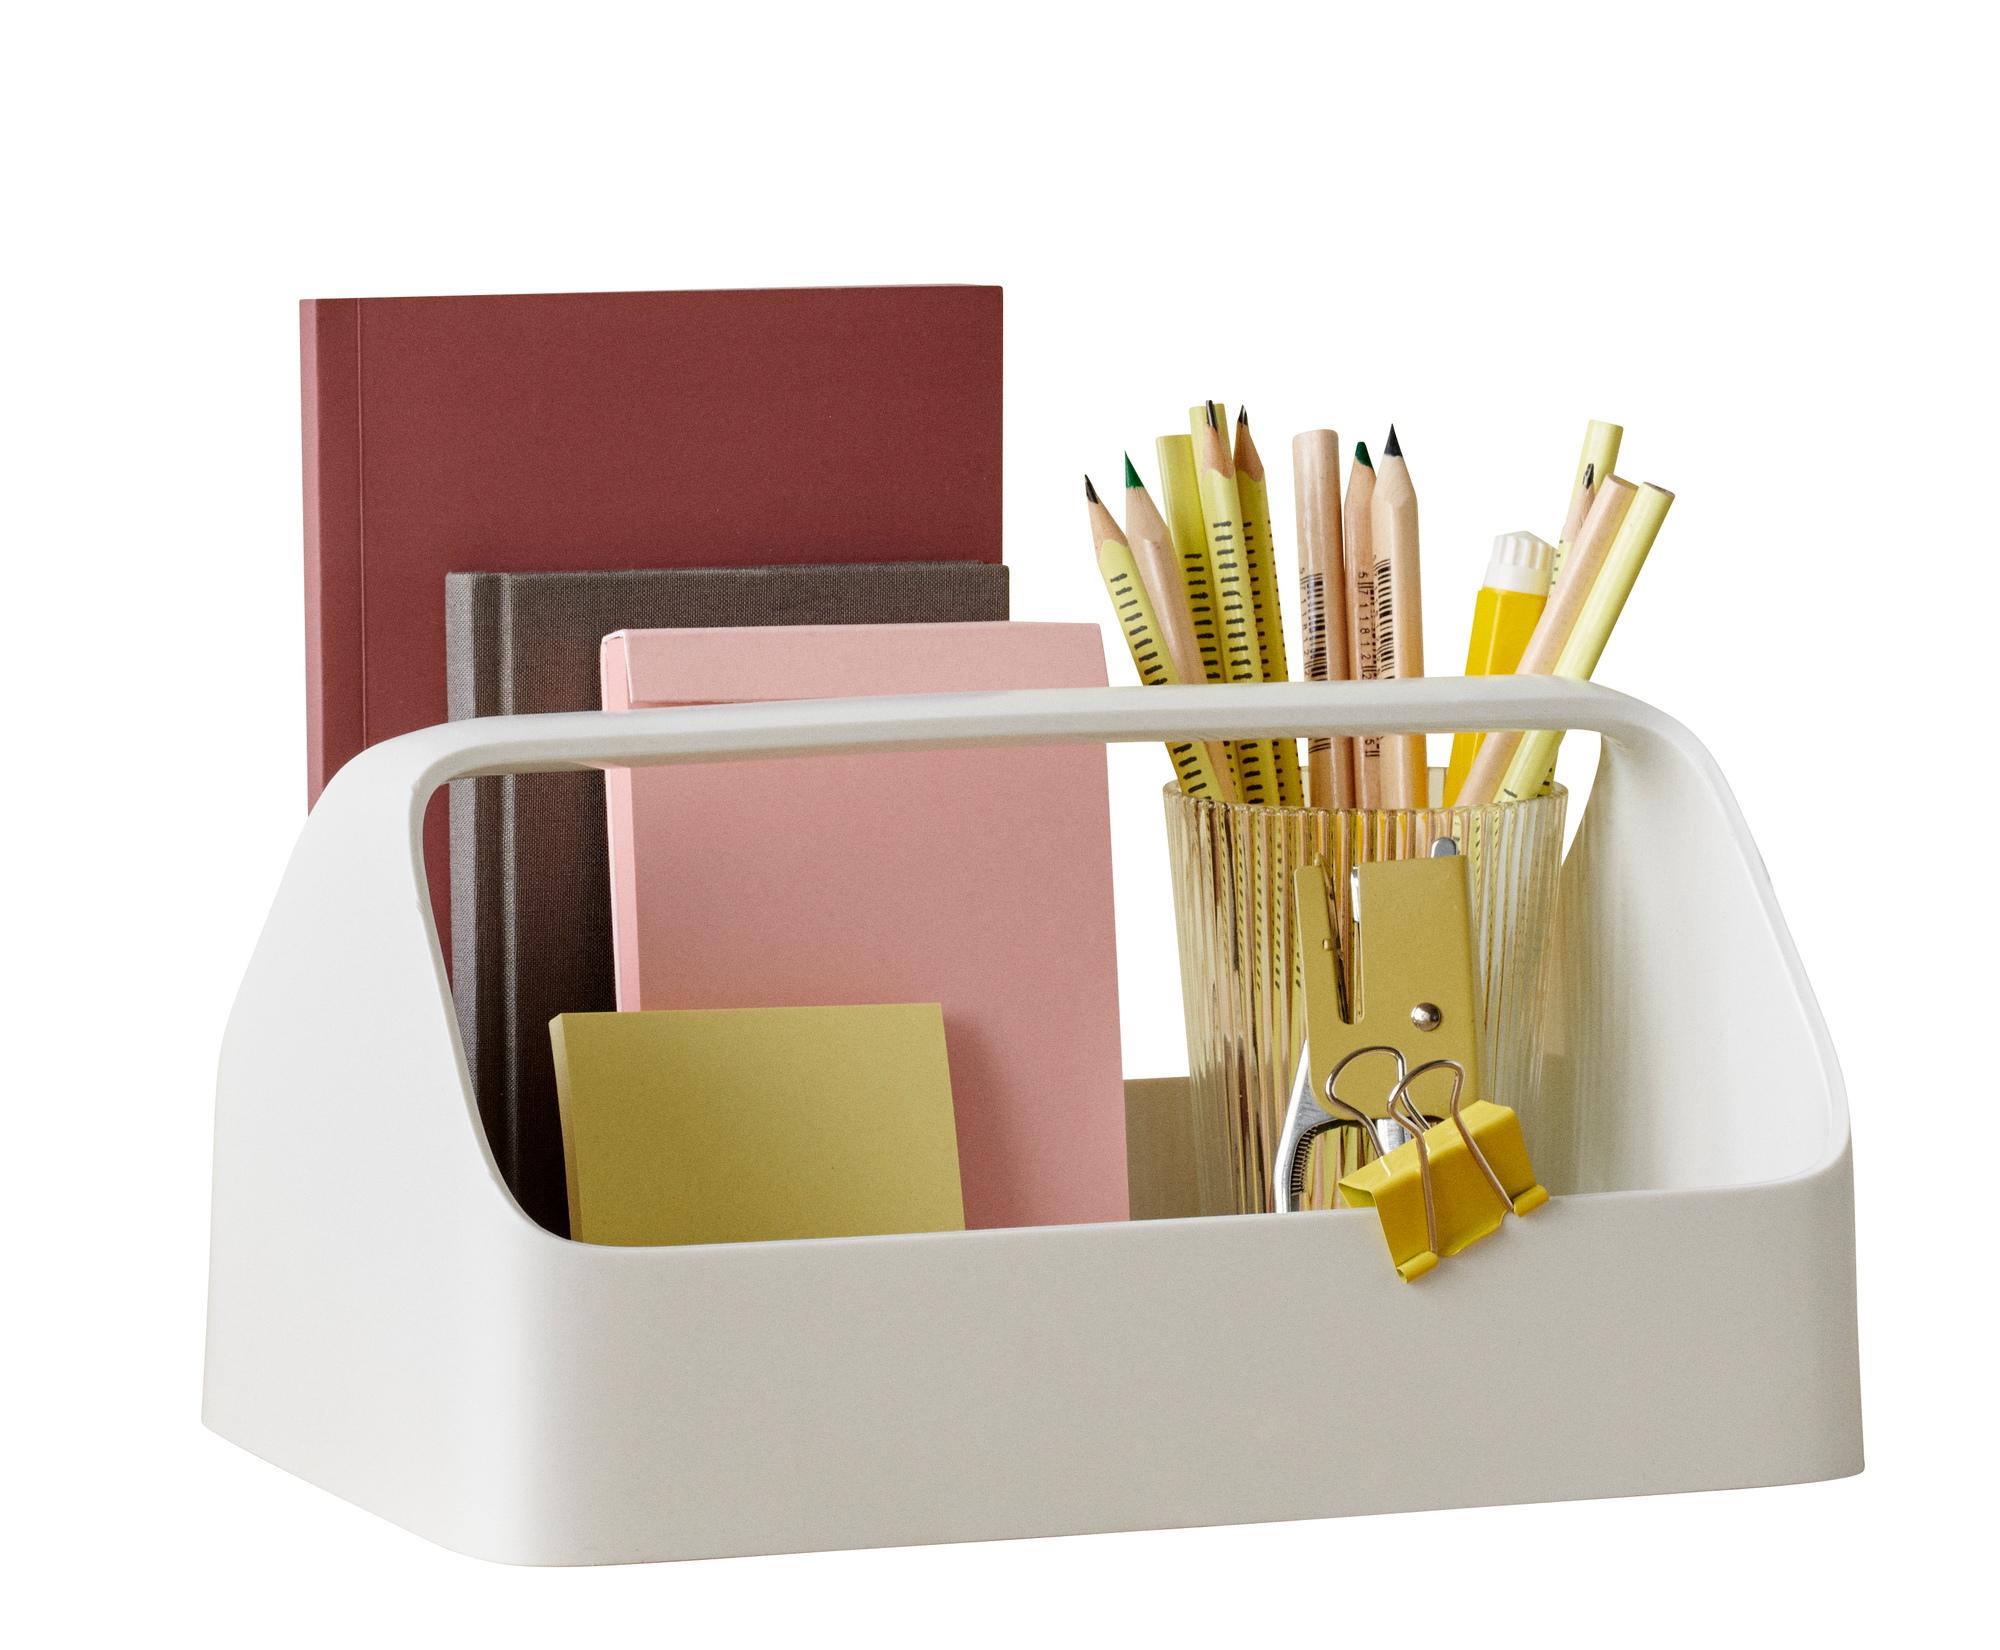 Handy-Box Storage Box Aufbewahrungsbox Stelton Weiss